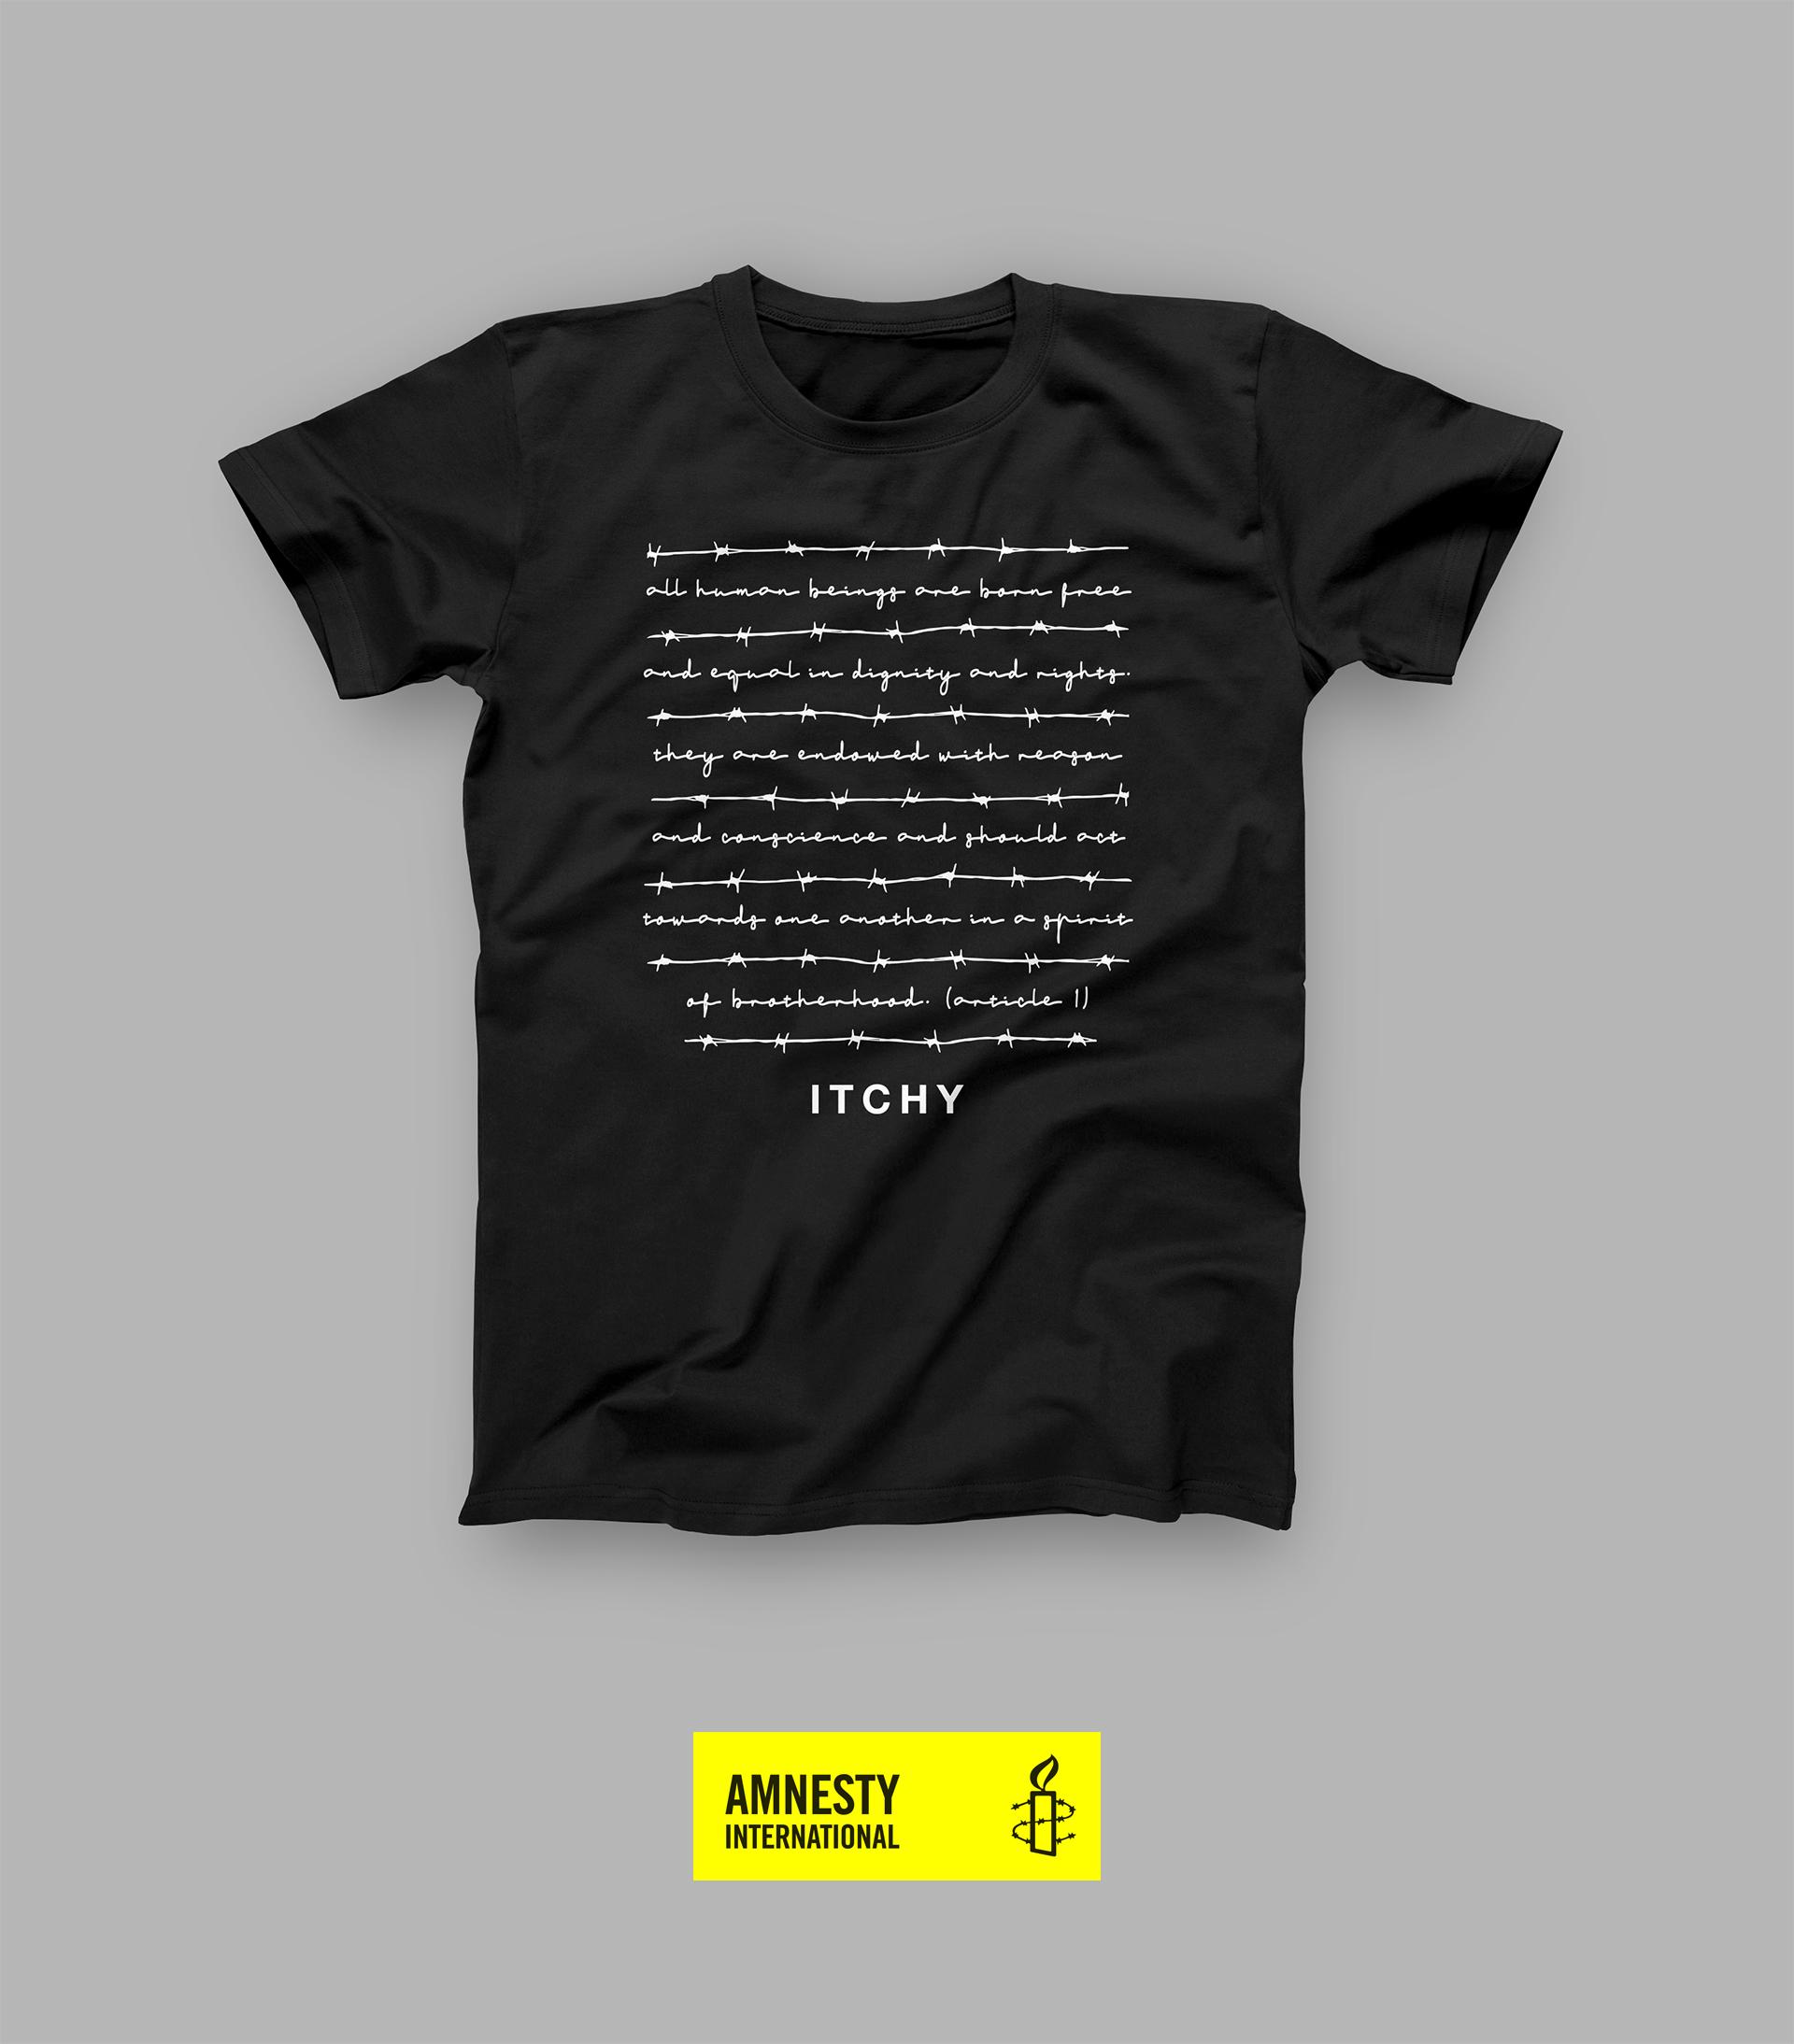 Charity T-Shirt zugunsten von Amnesty International